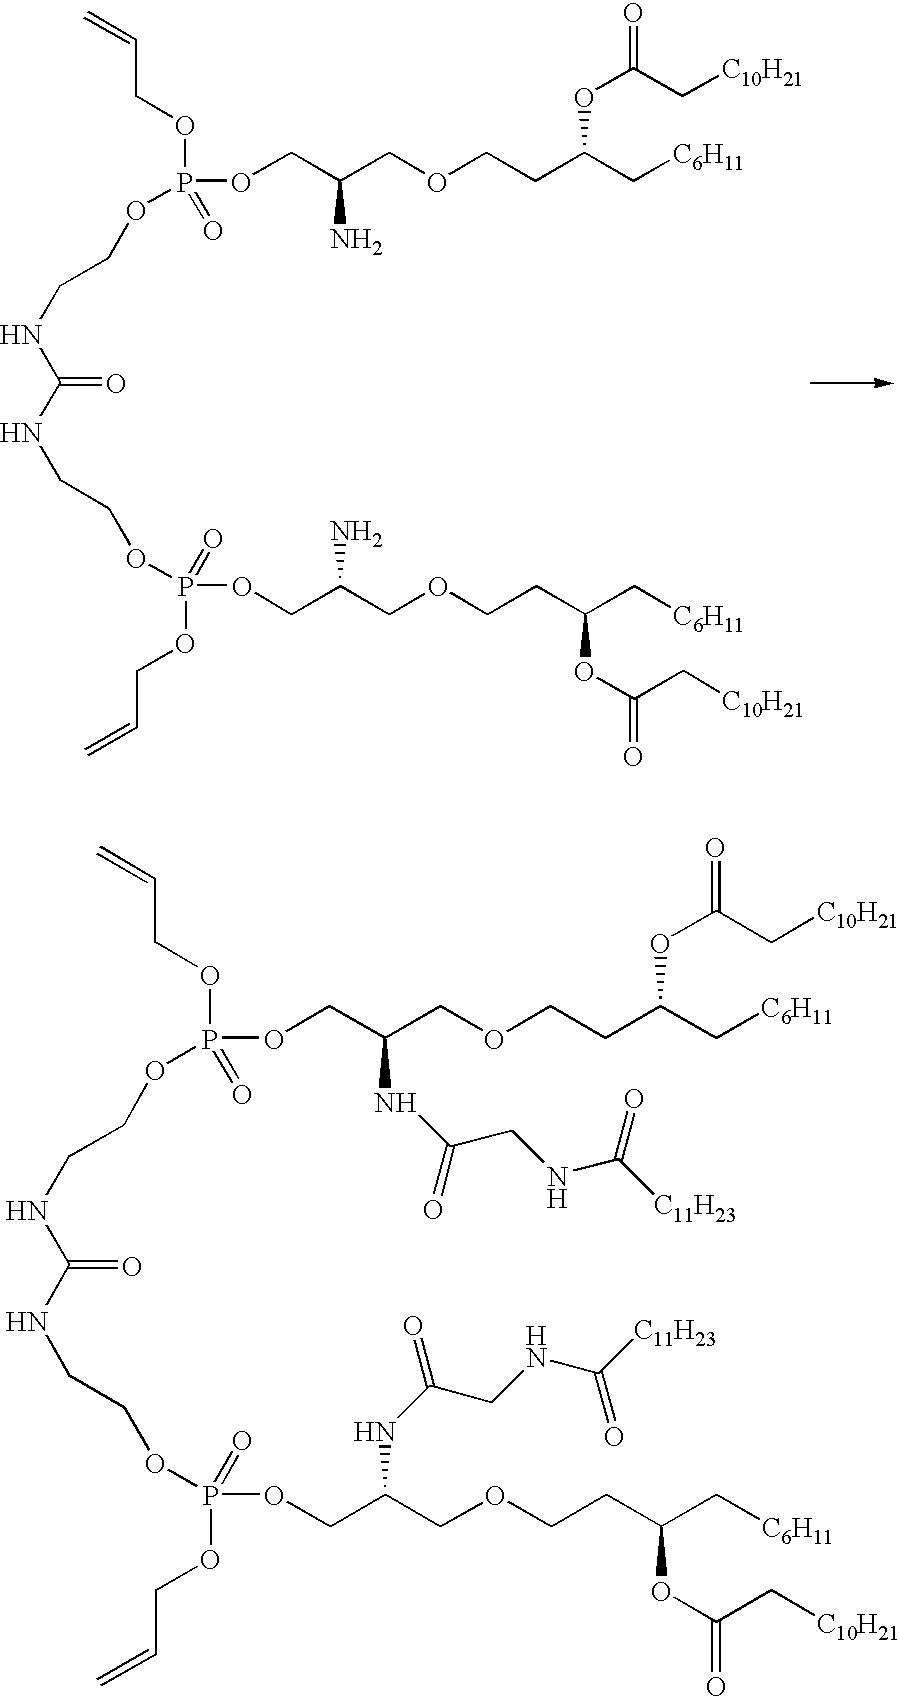 Figure US06551600-20030422-C00098